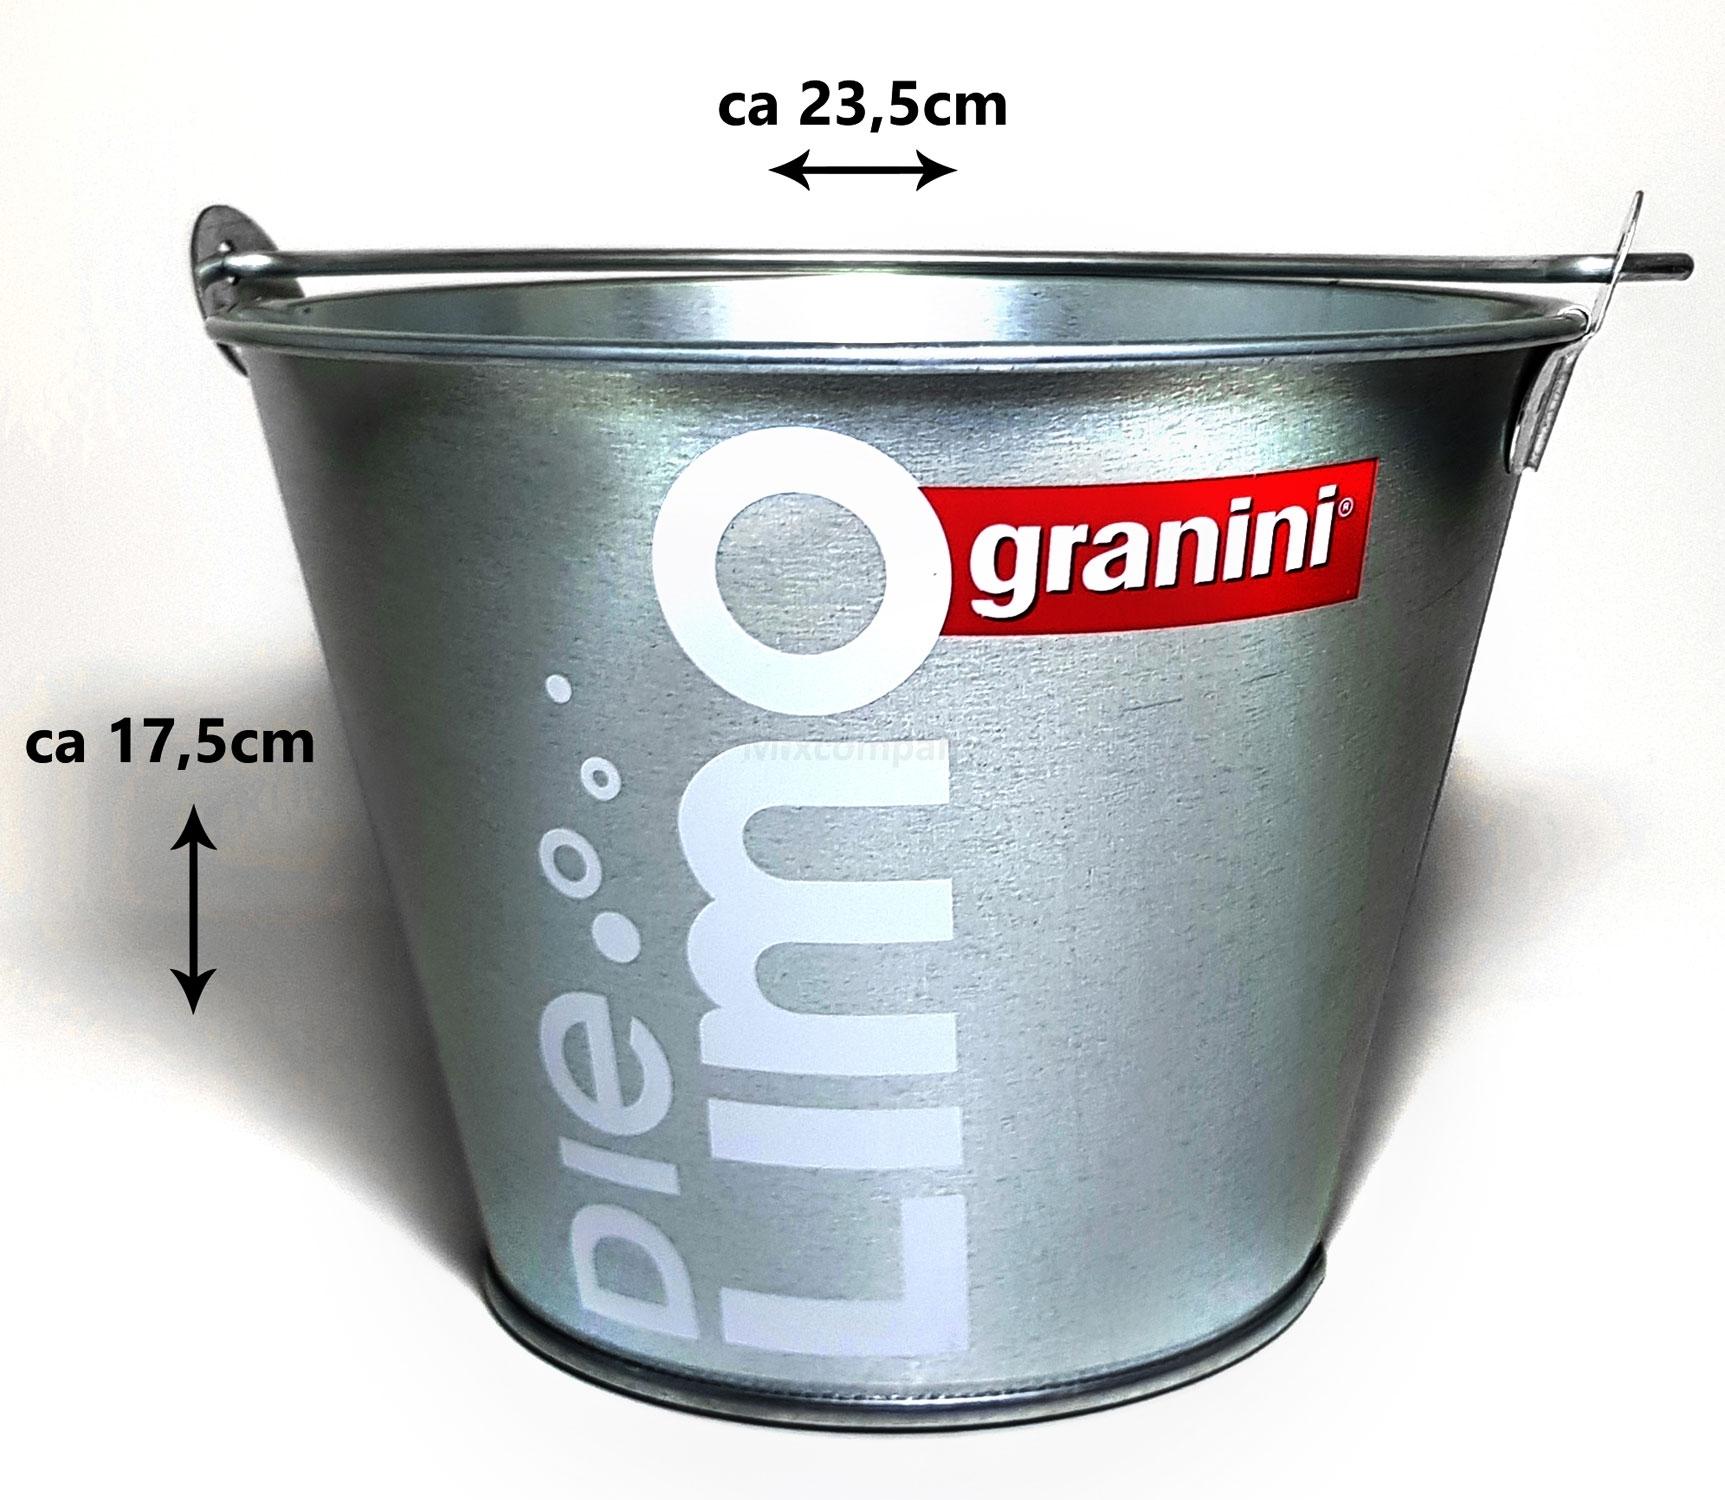 Granini Die Limo Eimer Eiskübel Flaschenkühler